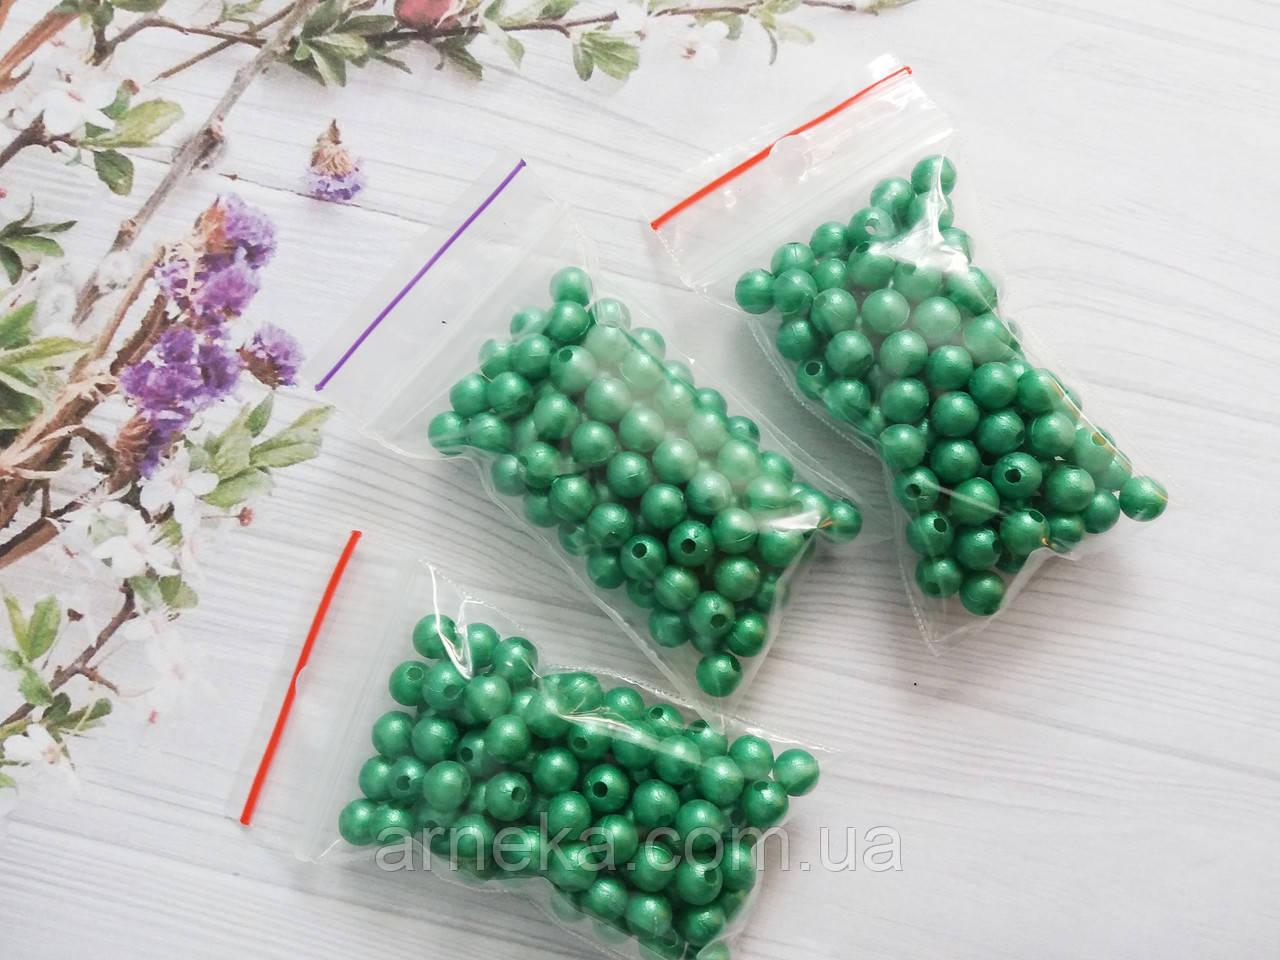 Бусины 0,6 см 10 грамм (примерно 100 шт) Зеленые